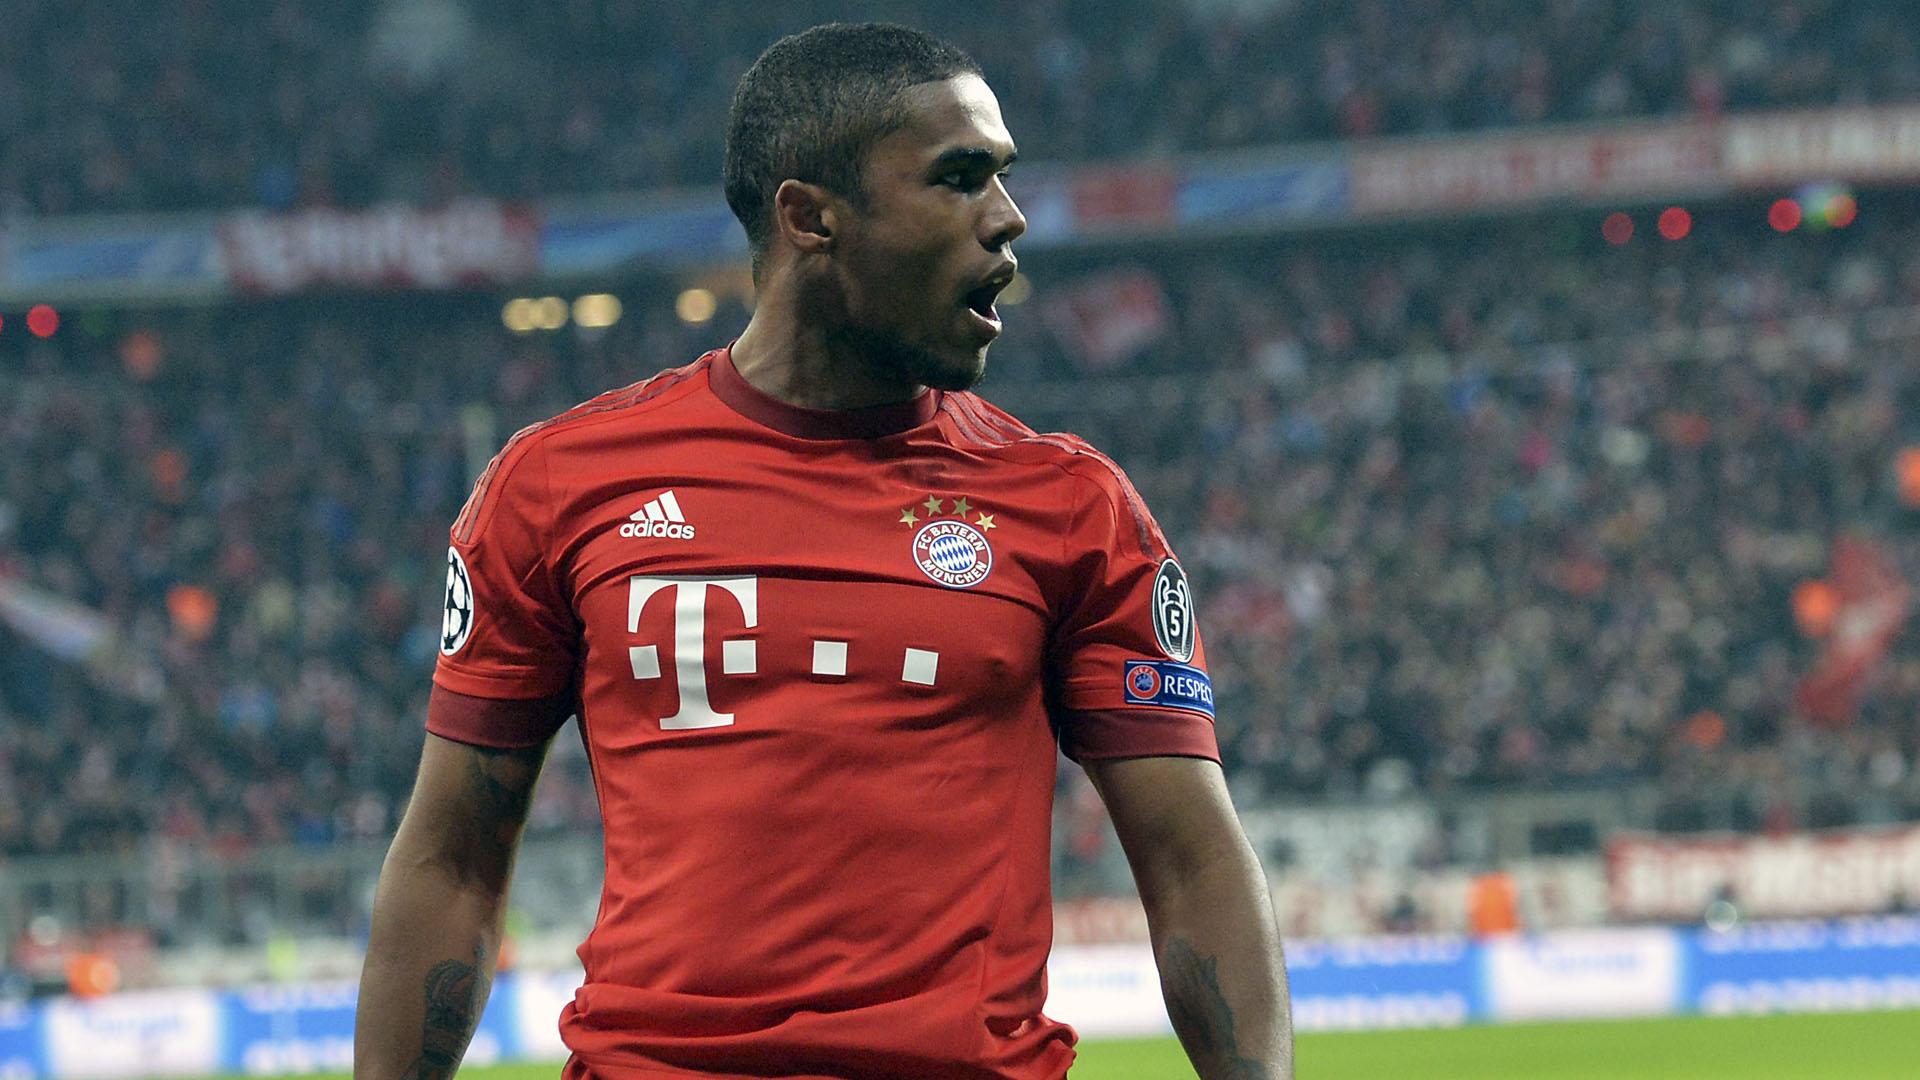 a355553a2198e Um dos grandes destaques da temporada tem sido o brasileiro Douglas Costa  no Bayern de Munique. Contratado junto ao Shakhtar Donetsk por € 30  milhões